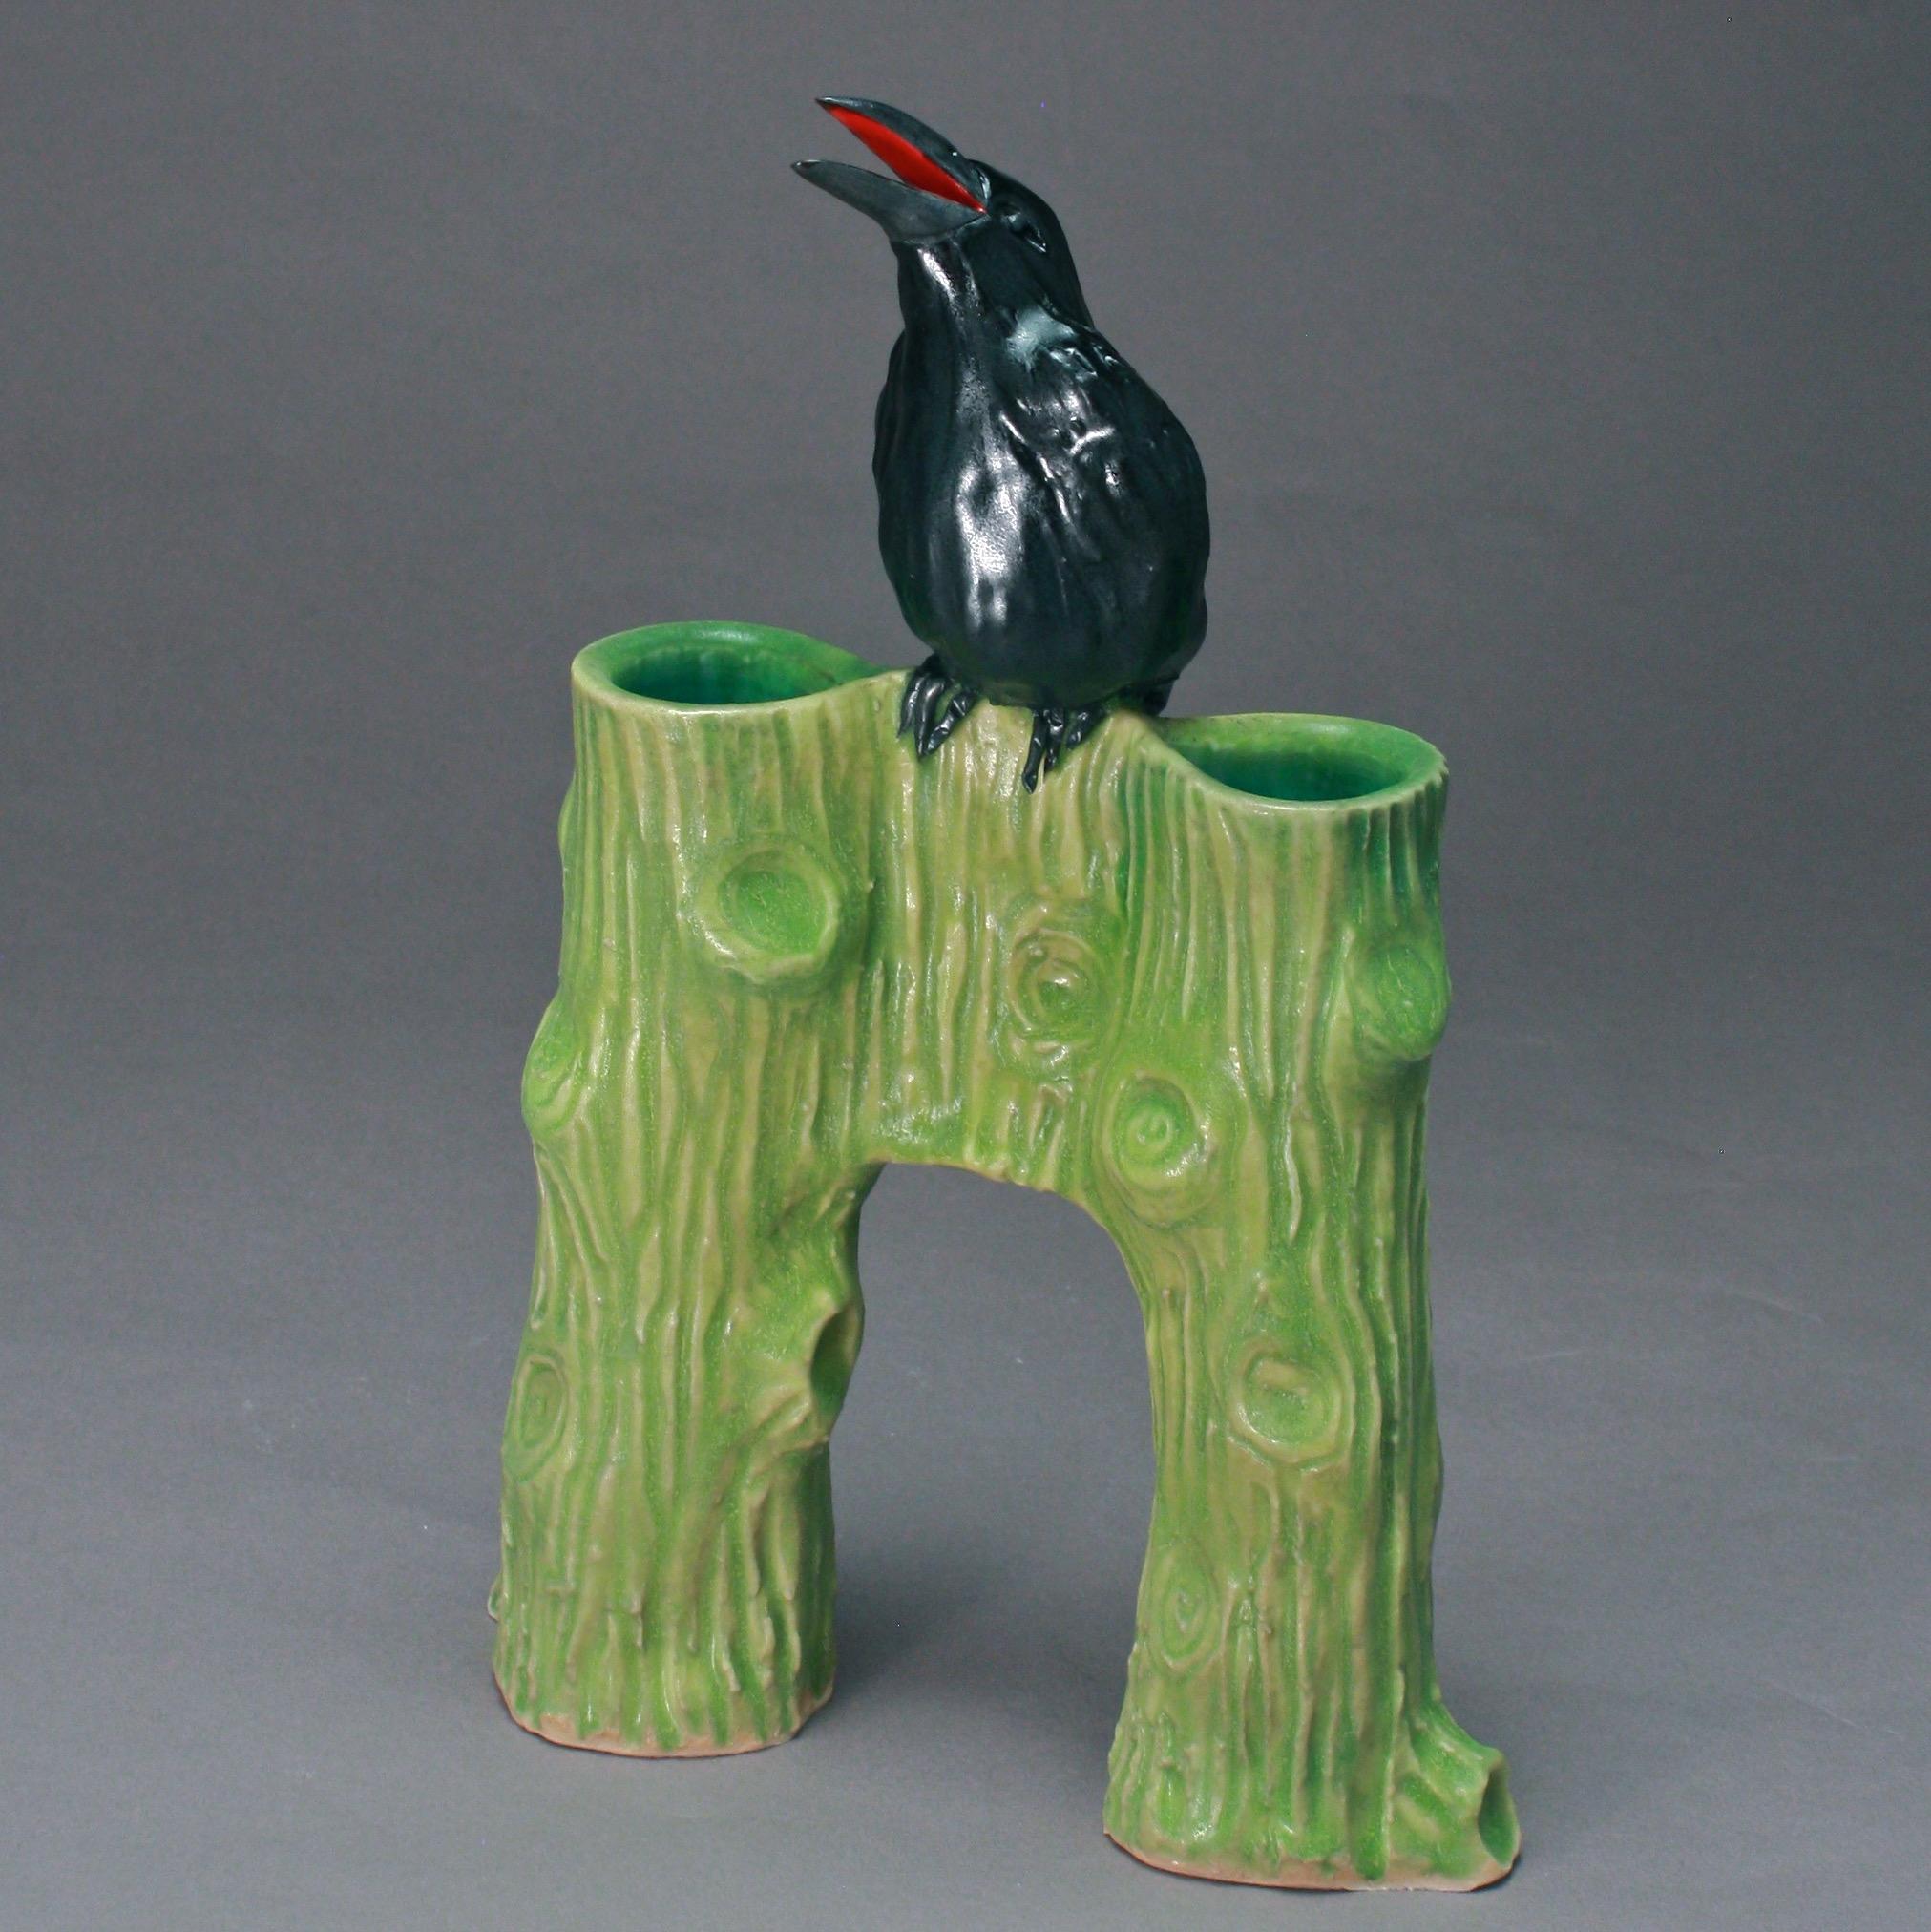 C-09 | Chartreuse Bridge Vase with Crow ($225)